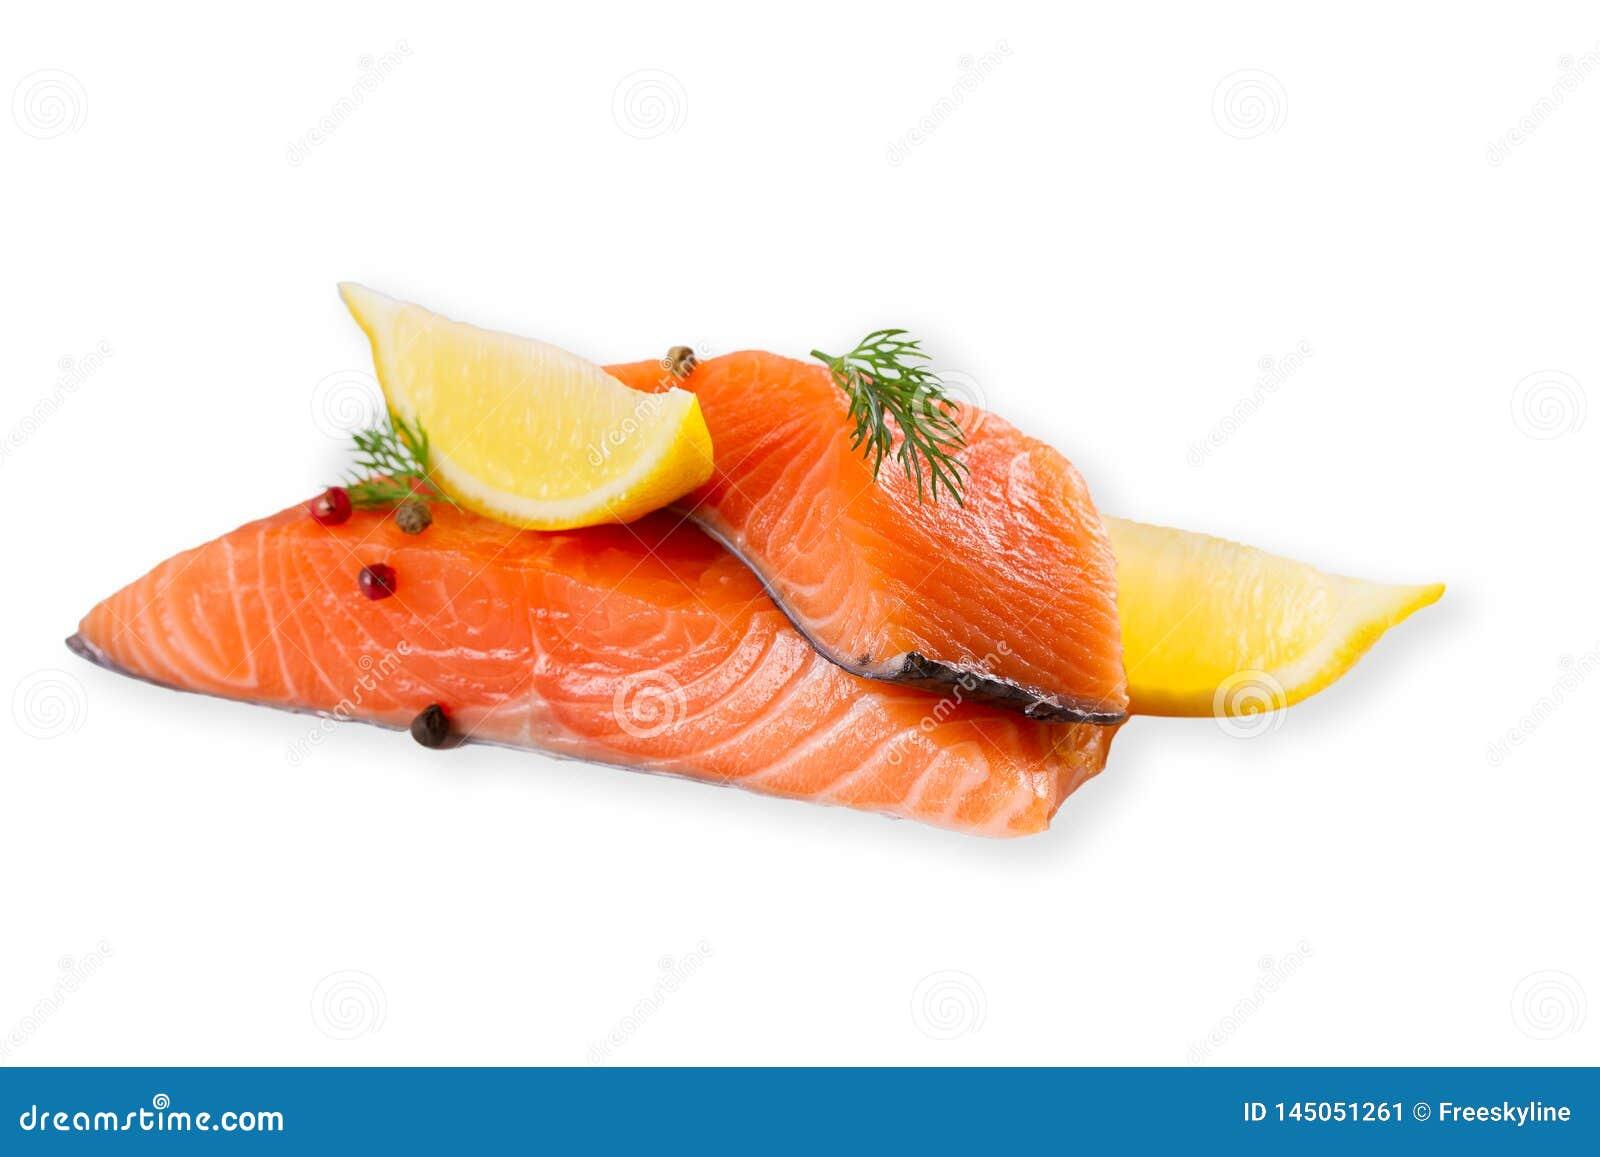 Ny r? laxfisk med kryddor som isoleras p? vit bakgrund med skugga